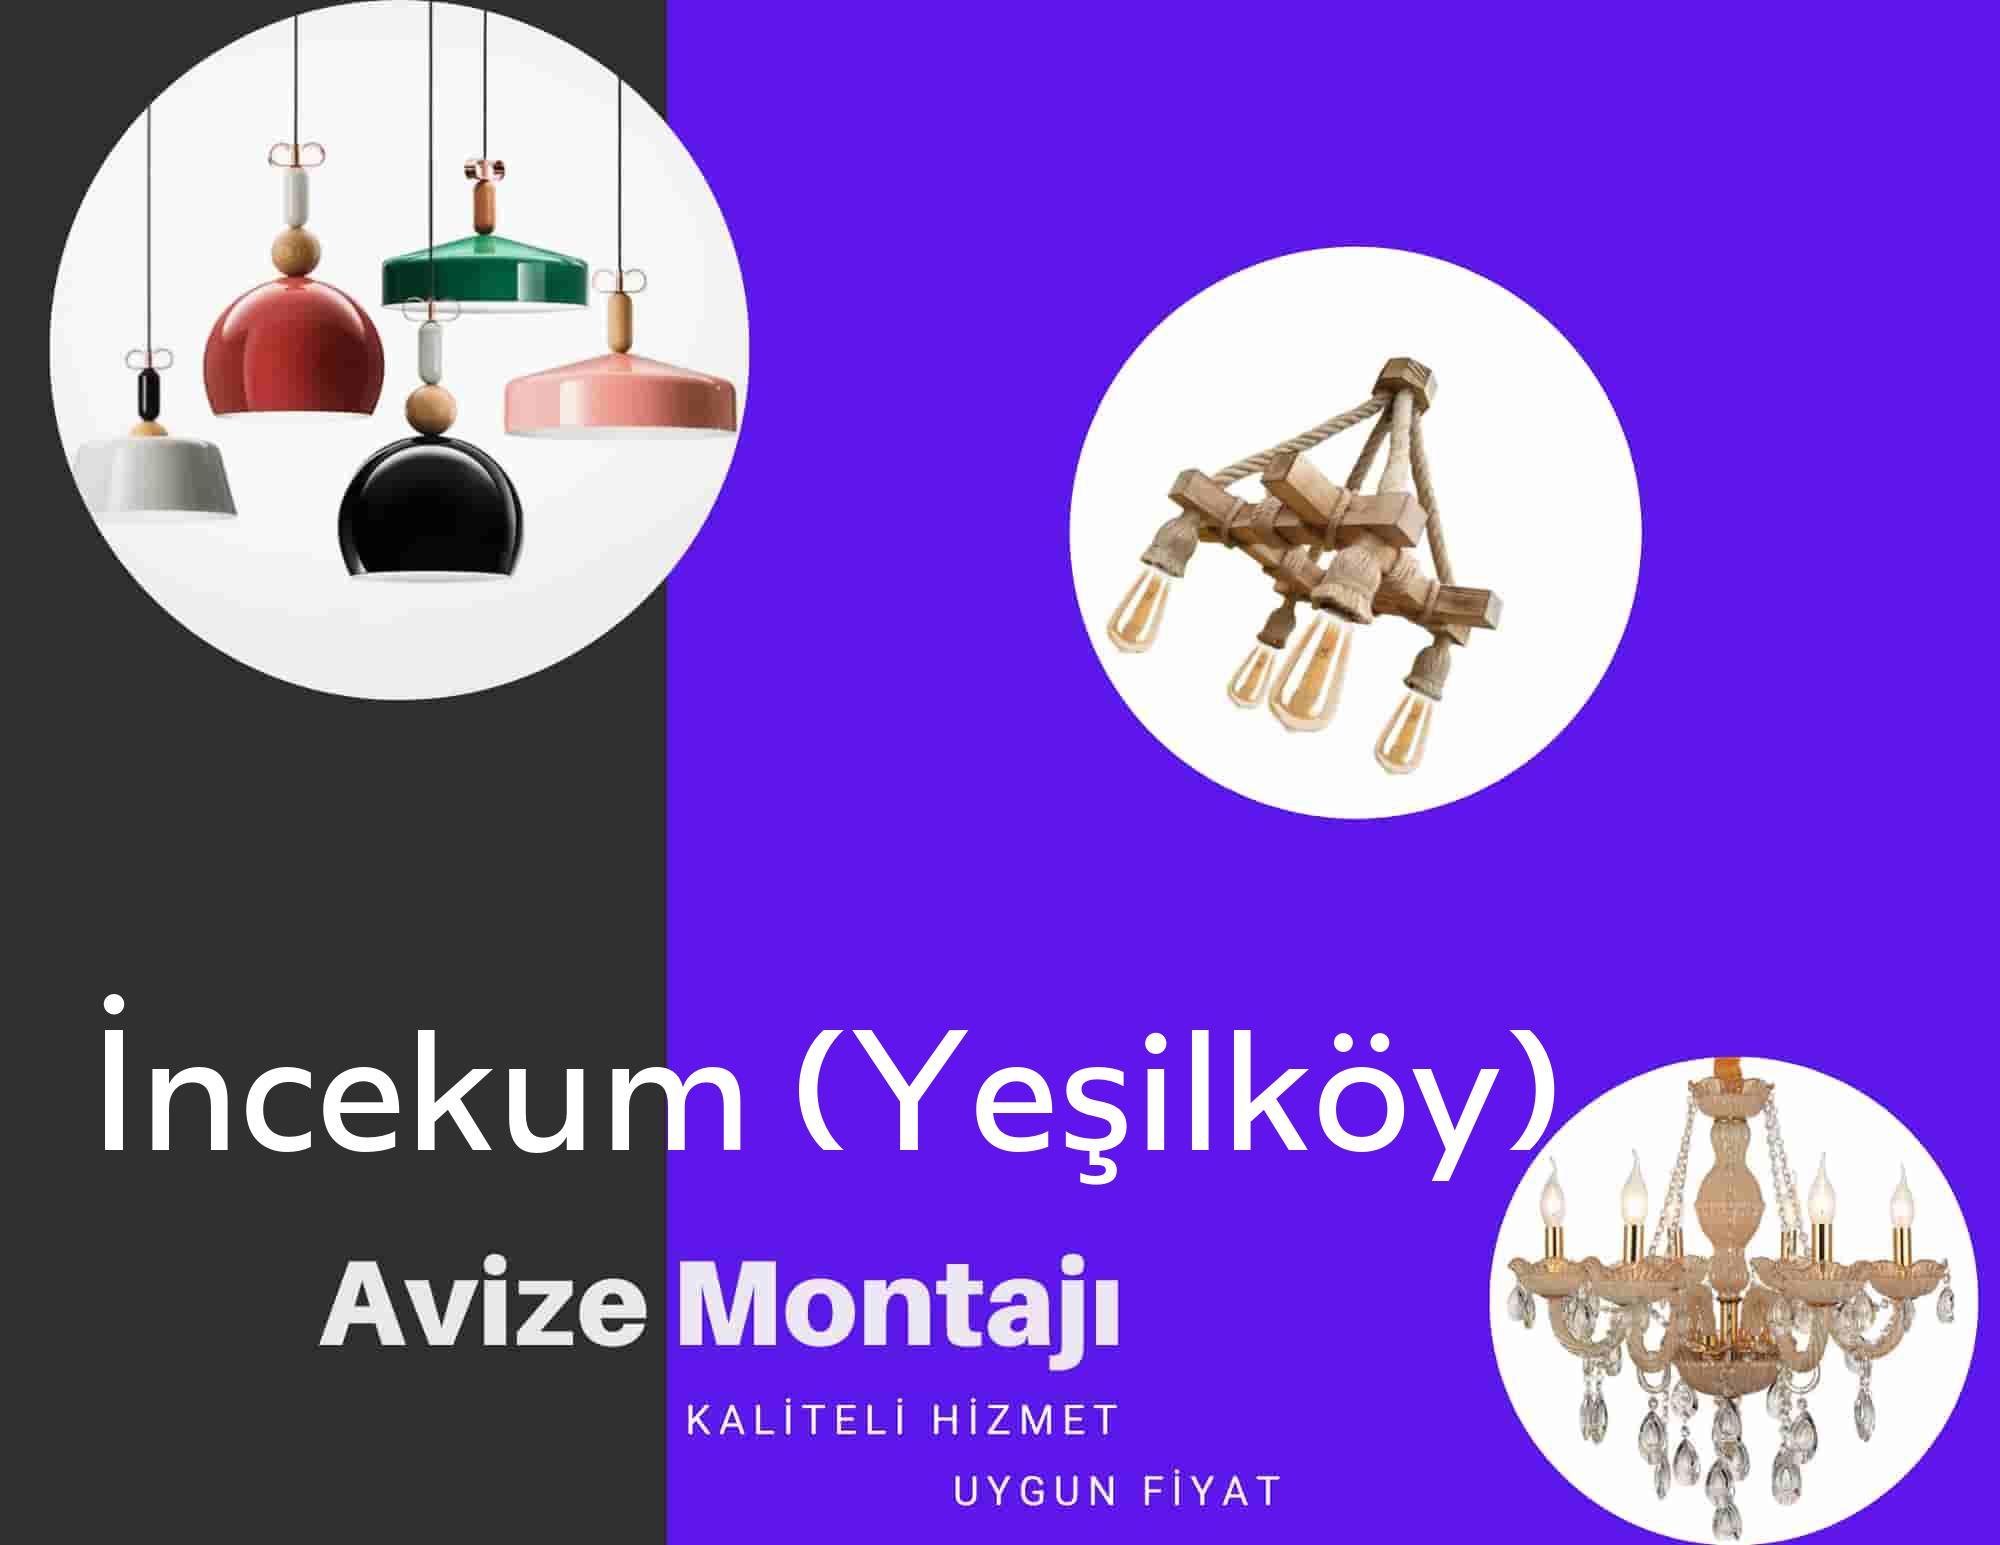 İncekum (Yeşilköy)de avize montajı yapan yerler arıyorsanız elektrikcicagir anında size profesyonel avize montajı ustasını yönlendirir.